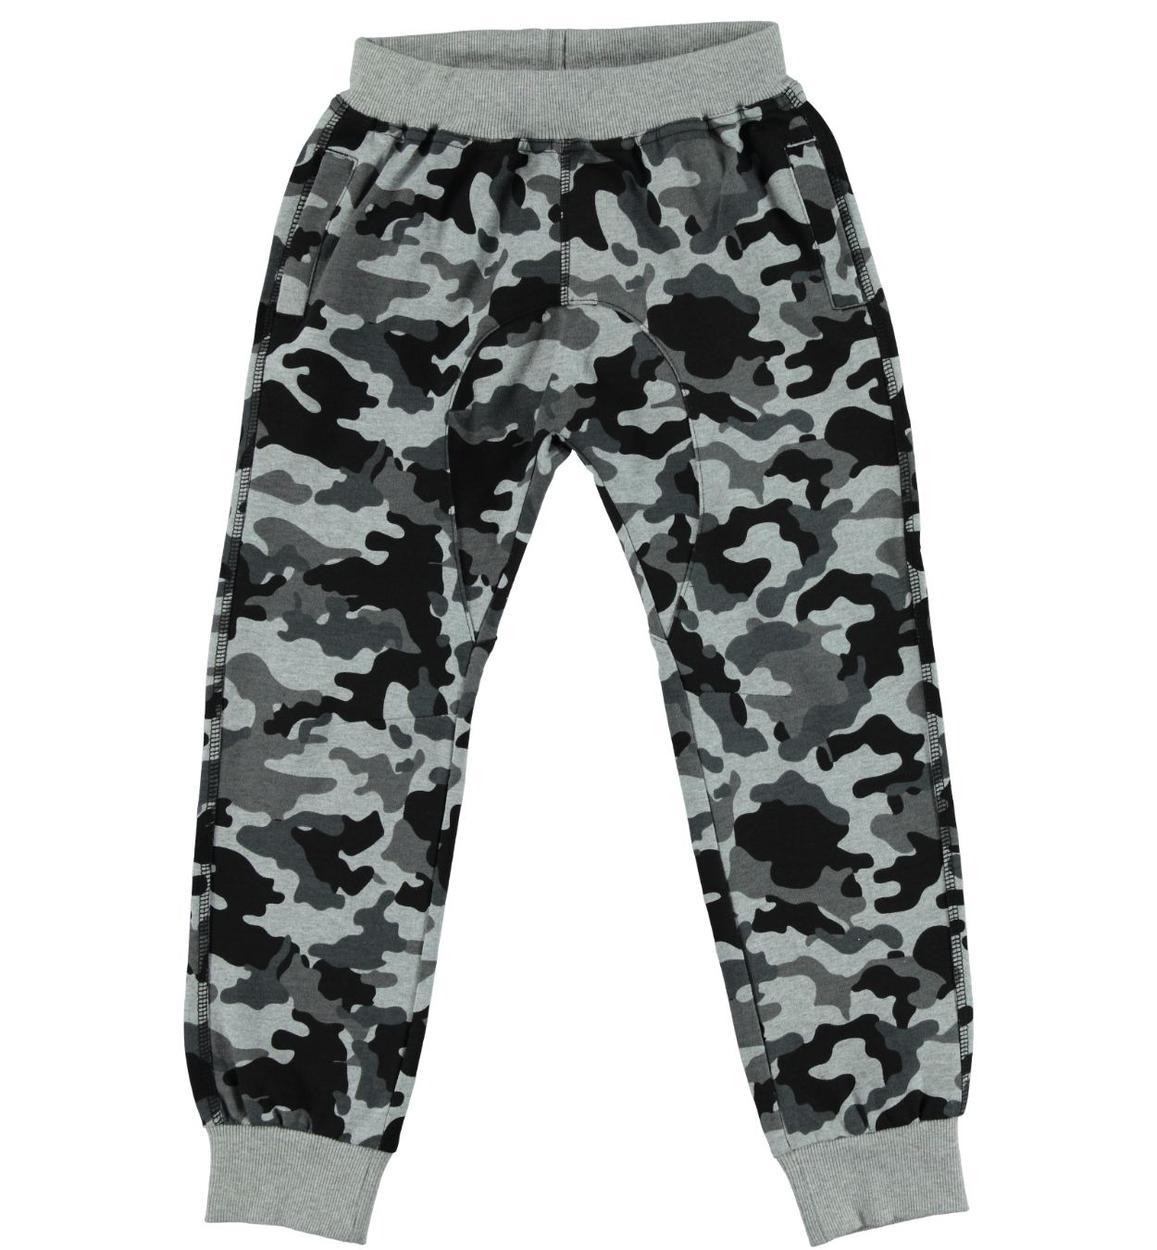 Pantalone baggy fit con stampa mimetica per bambino da 3 a 16 anni ... fce7cf699f3a